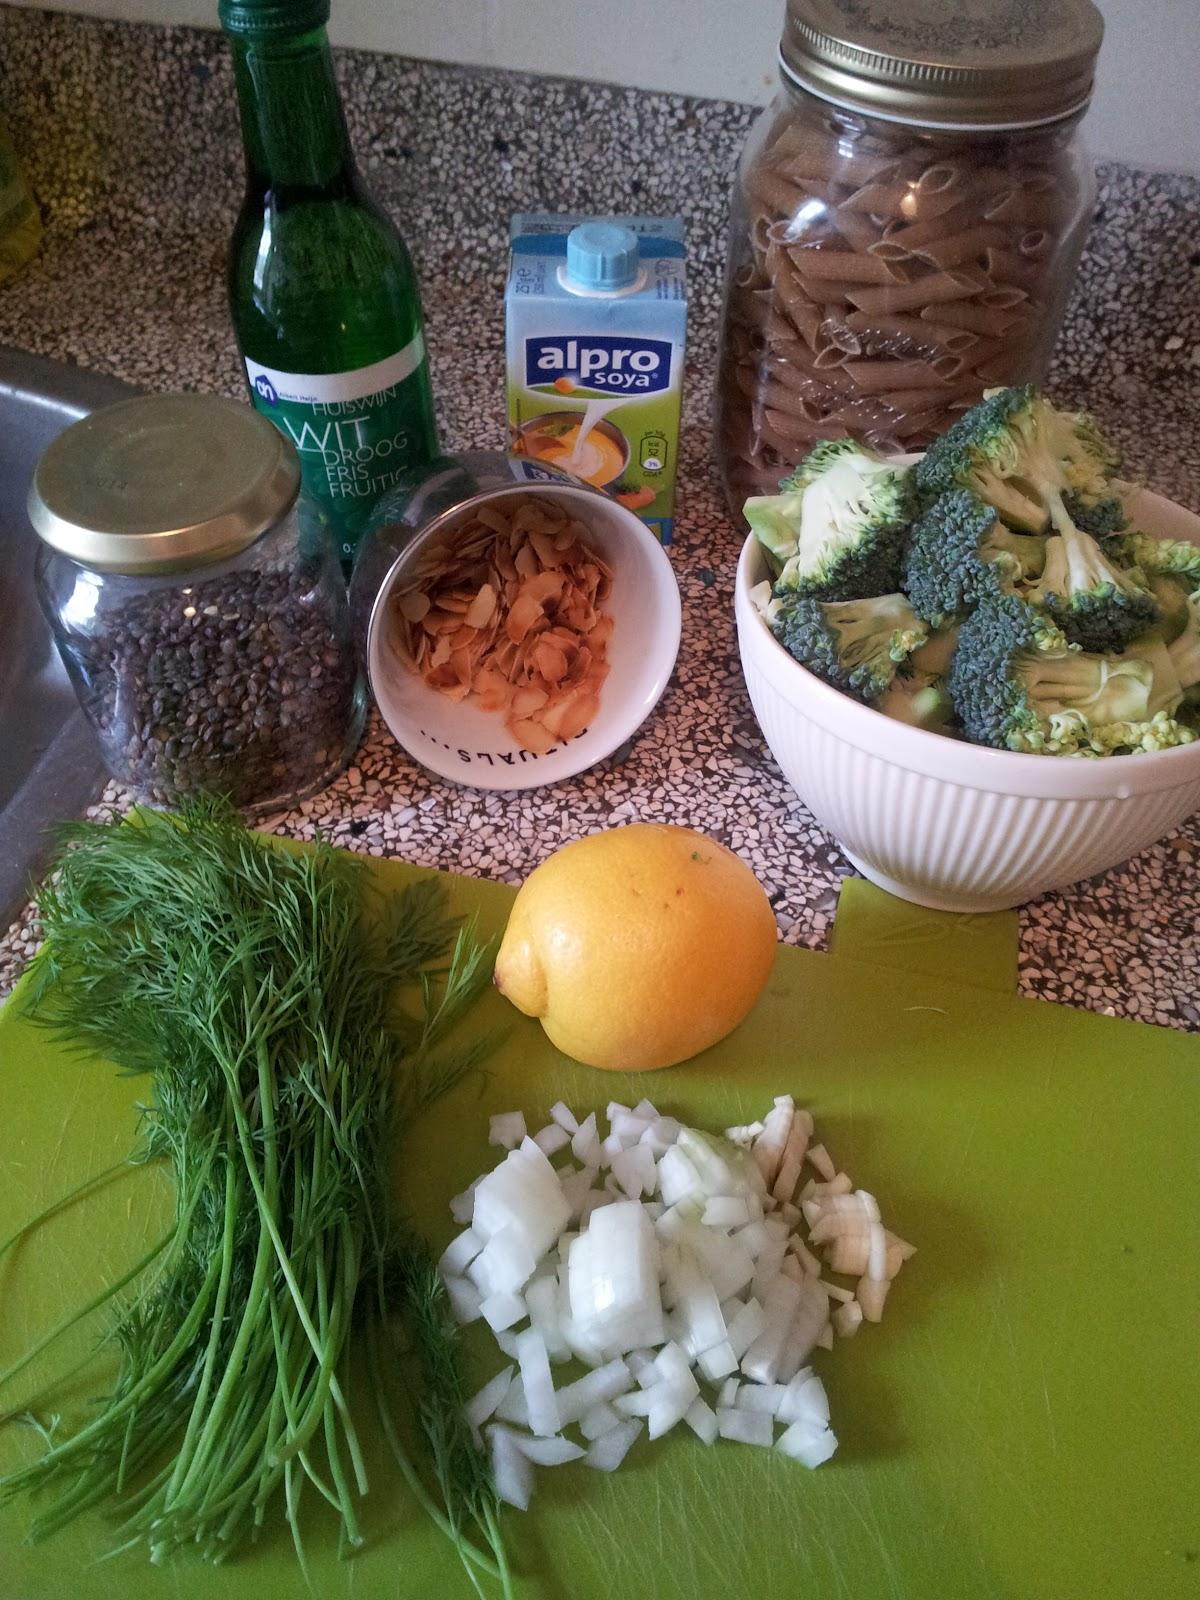 De plantaardige keuken: pasta met linzen, broccoli en dille roomsaus